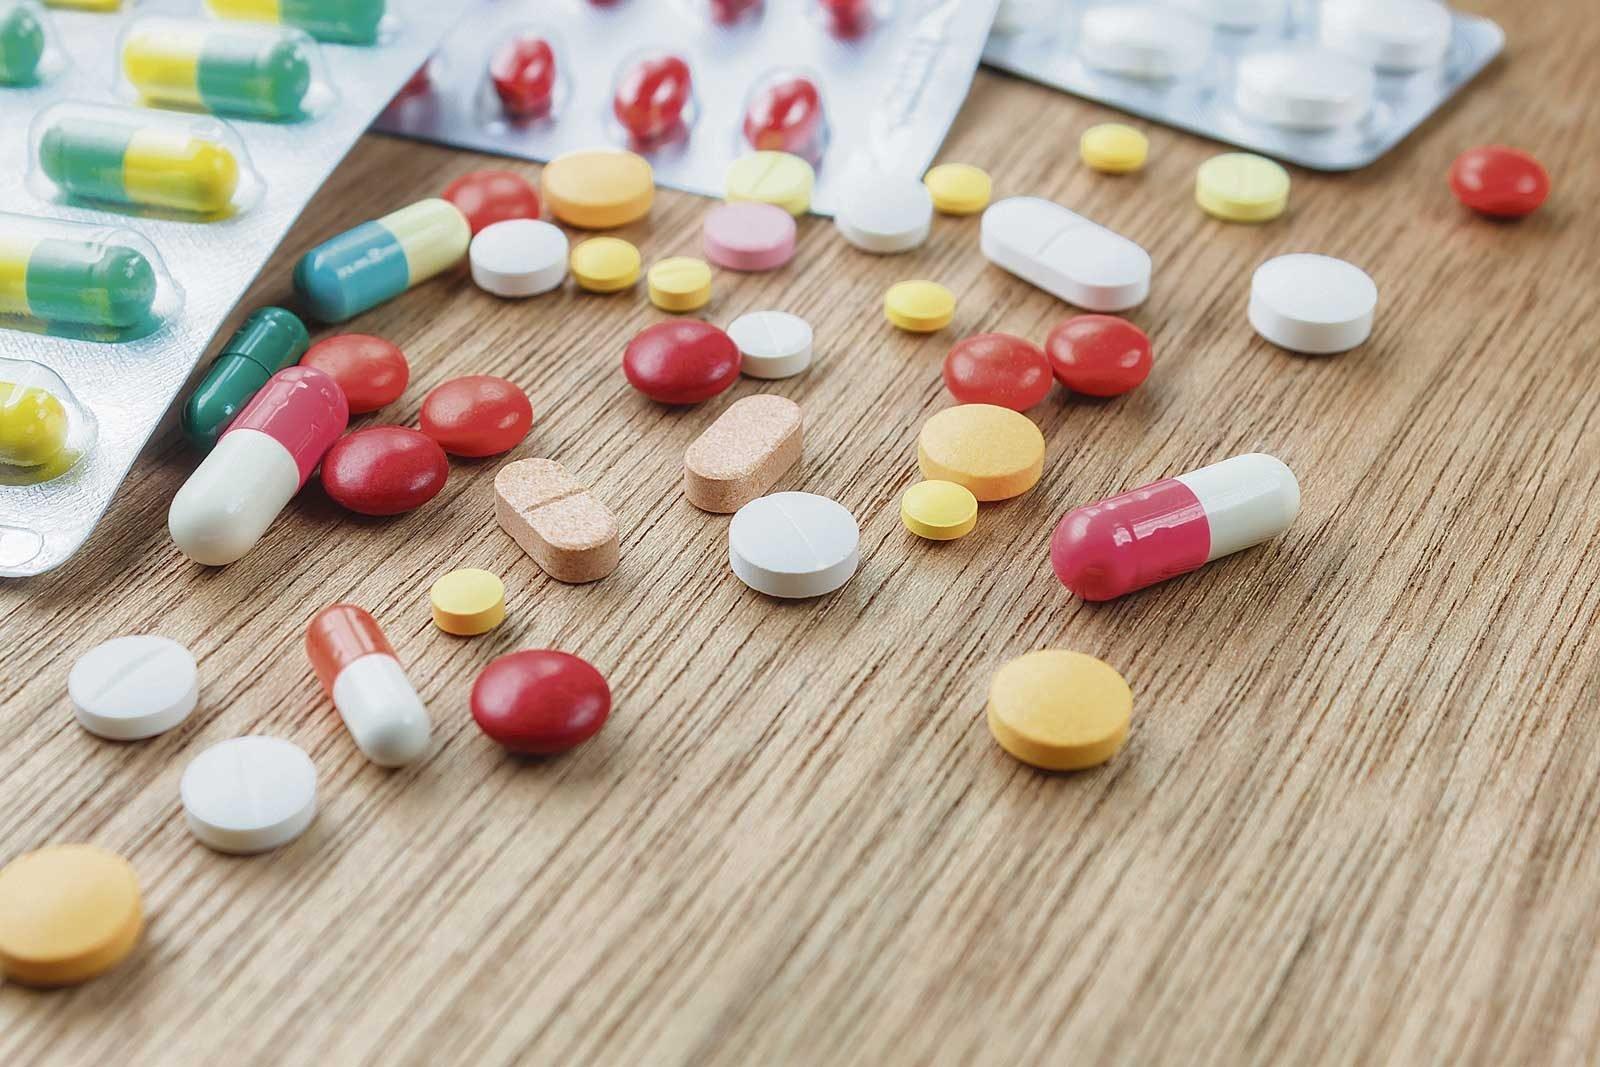 Ce medicamente să bea dacă rănesc articulațiile